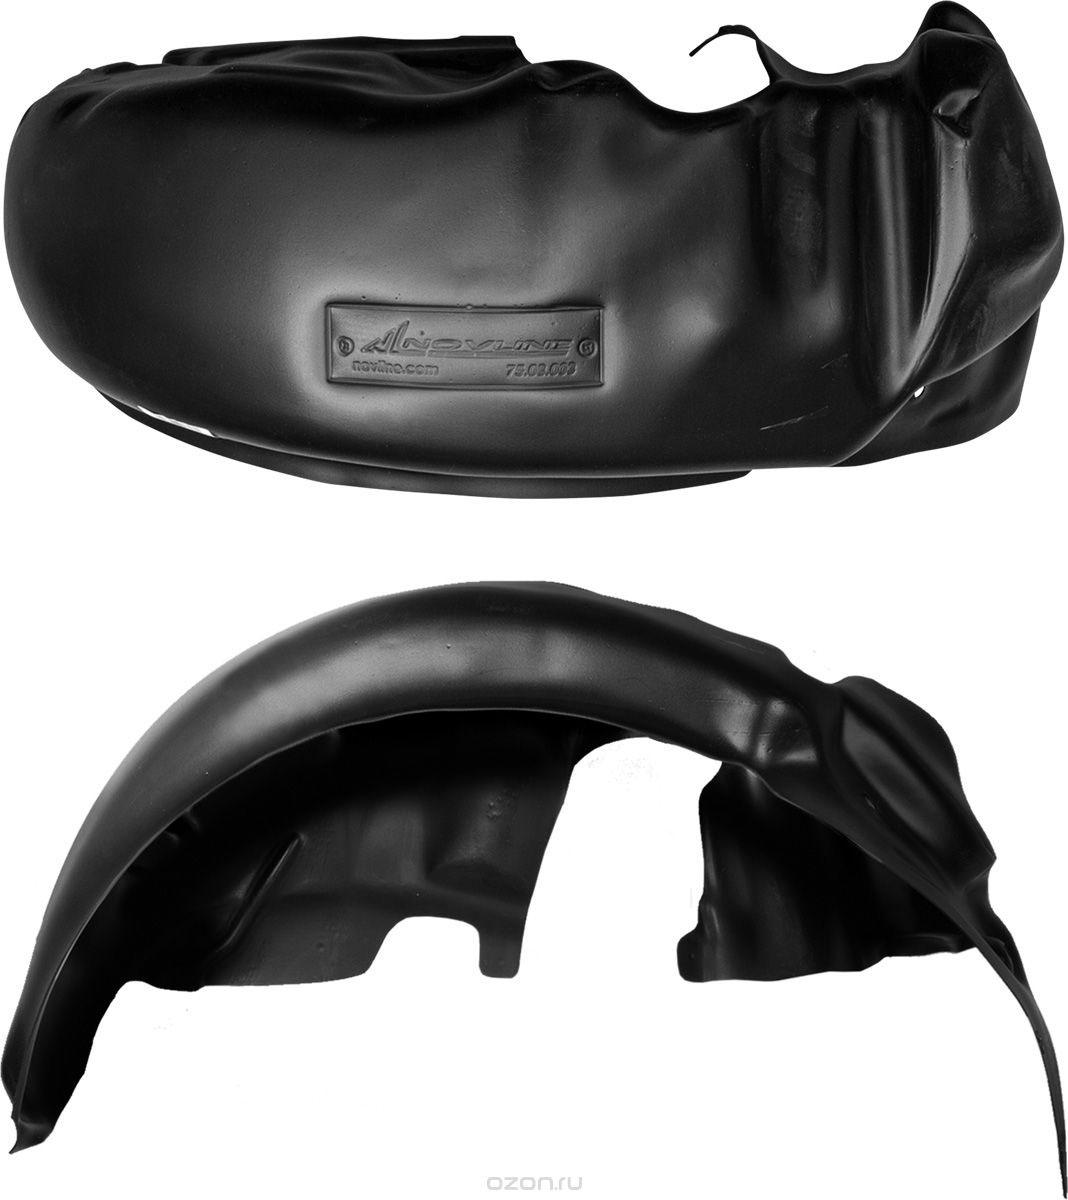 Подкрылок Novline-Autofamily, для ВАЗ 2110 1995-2007, передний левый000511Идеальная защита колесной ниши. Локеры разработаны с применением цифровых технологий, гарантируют максимальную повторяемость поверхности арки. Изделия устанавливаются без нарушения лакокрасочного покрытия автомобиля, каждый подкрылок комплектуется крепежом. Уважаемые клиенты, обращаем ваше внимание, что фотографии на подкрылки универсальные и не отражают реальную форму изделия. При этом само изделие идет точно под размер указанного автомобиля.